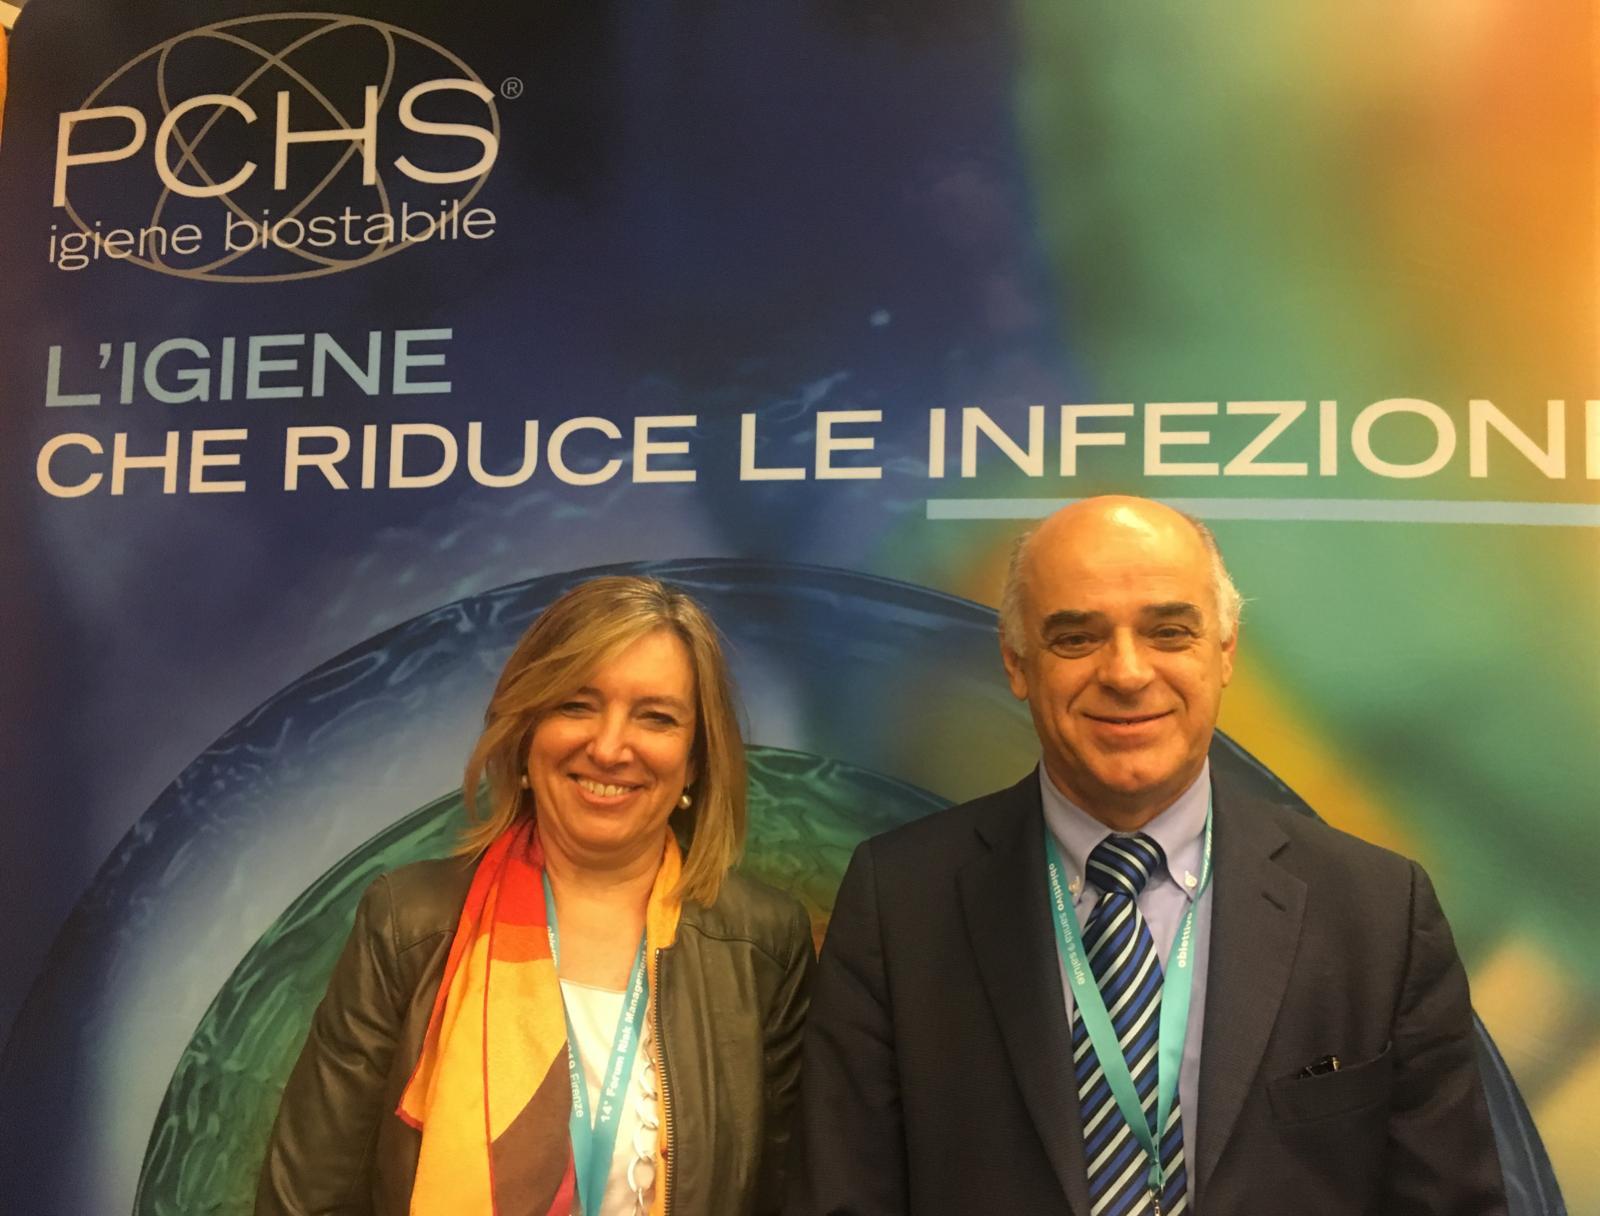 """A Copma il contributo di ricerca della Regione Emilia-Romagna: """"il sistema di sanificazione PCHS per combattere il Covid-19"""""""